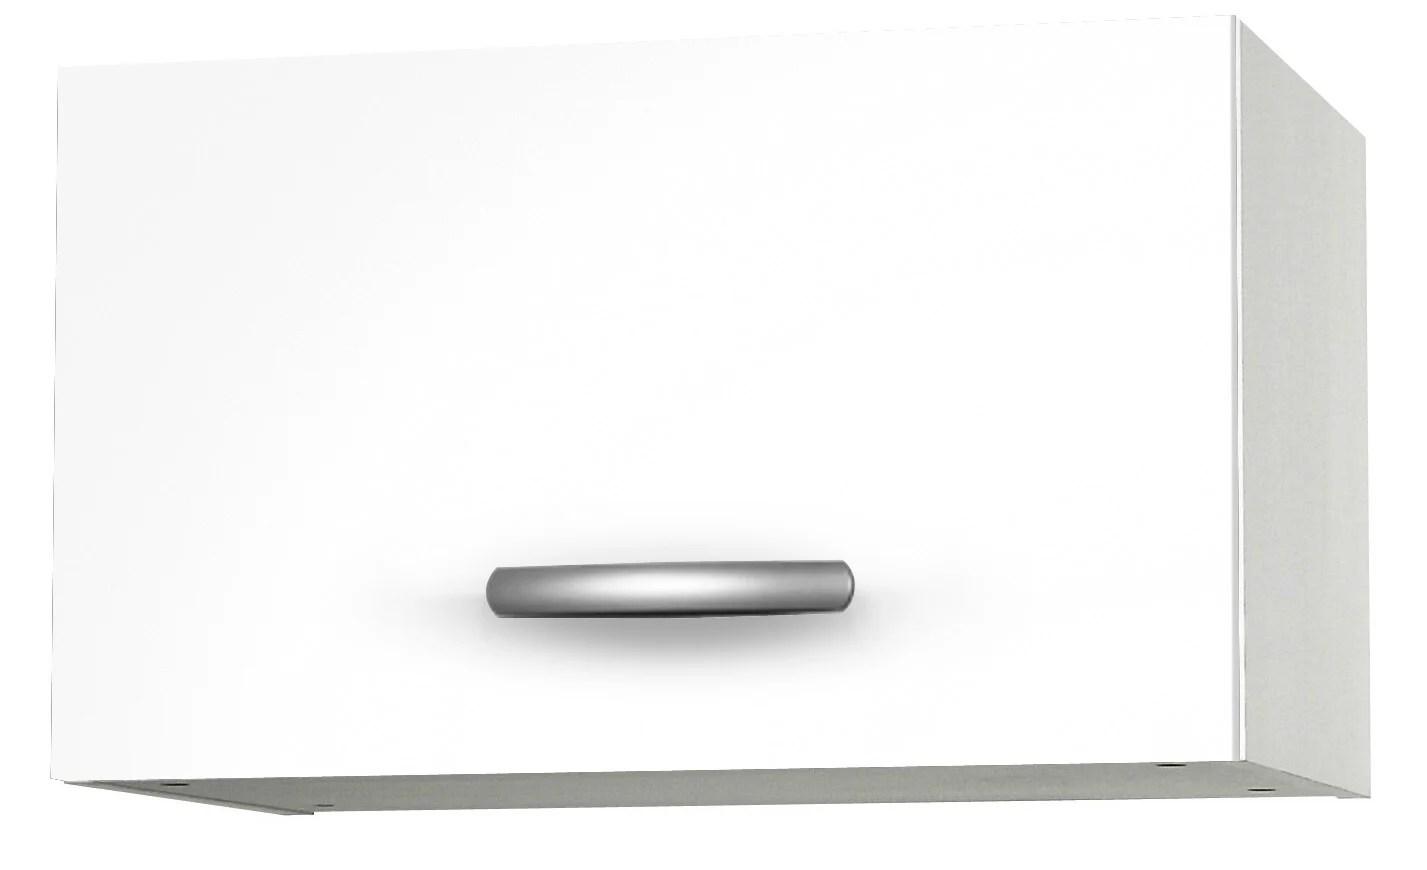 Meuble De Cuisine Haut 1 Porte Blanc H35 2x L60x P35 2cm Leroy Merlin